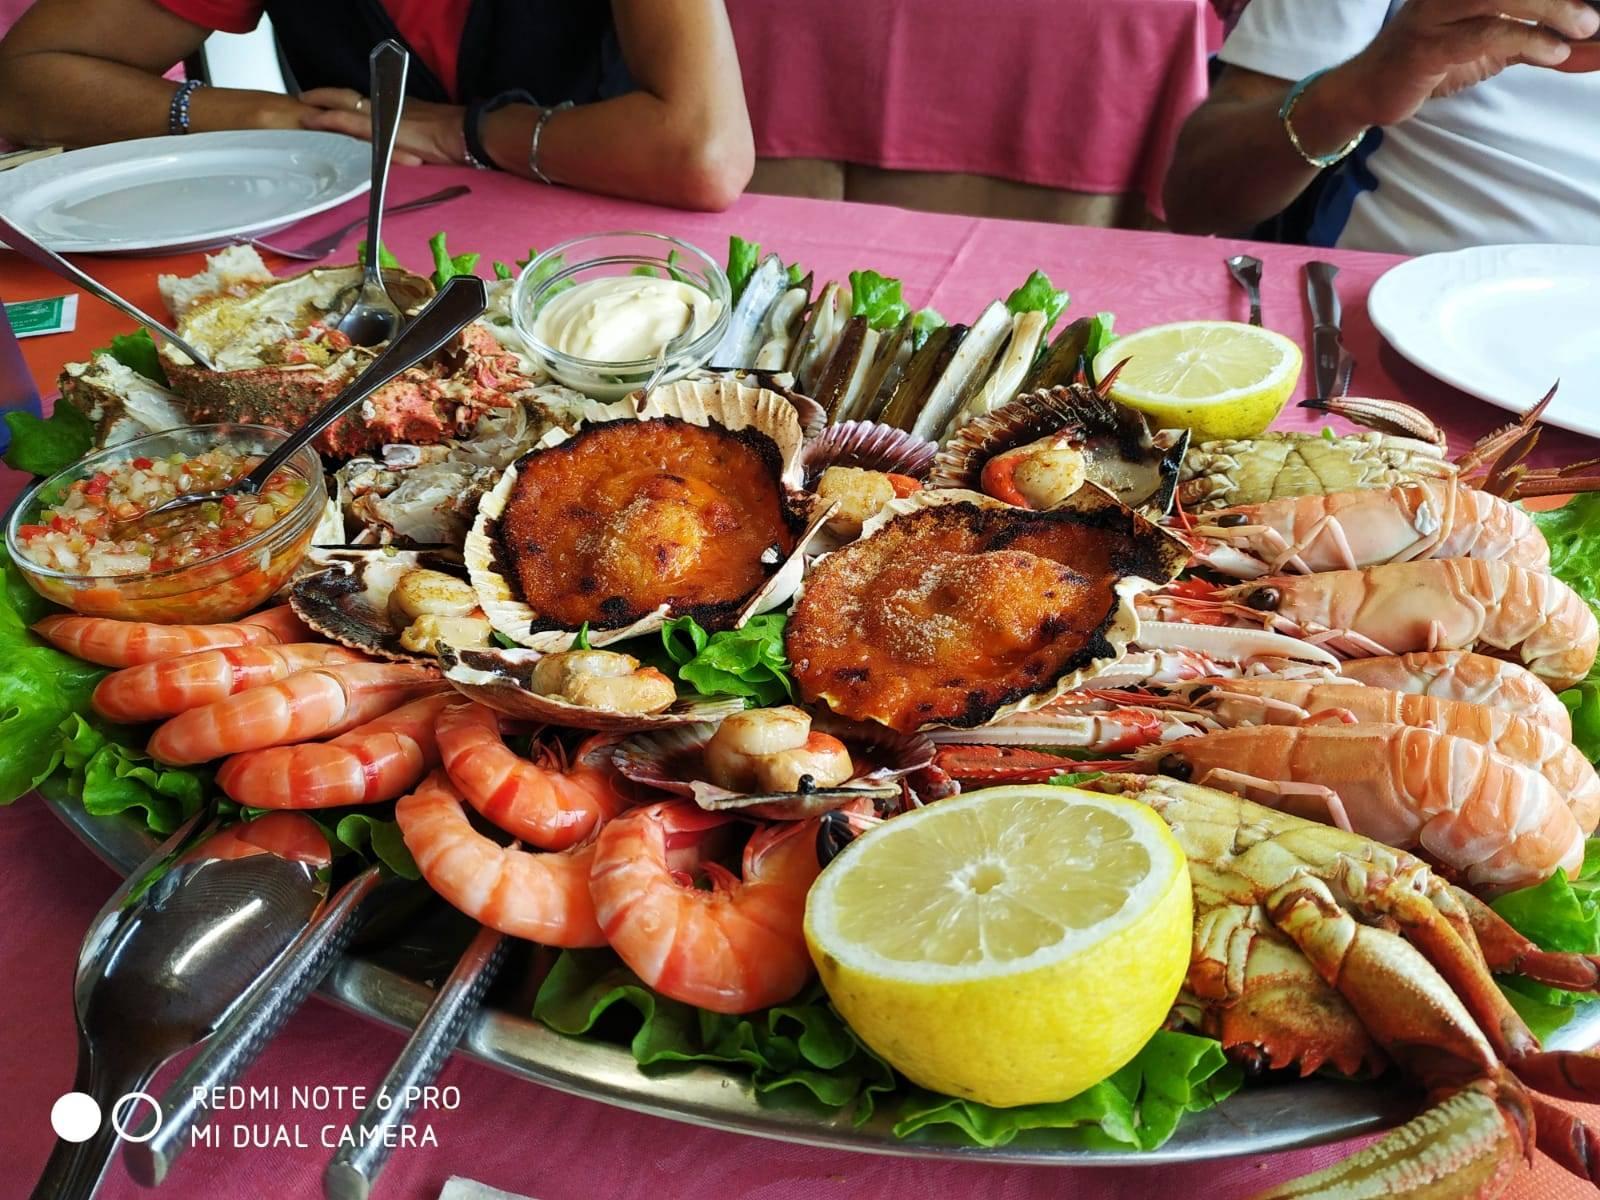 Gastro-Camino : 100 km del Camino francés con cocina selecta